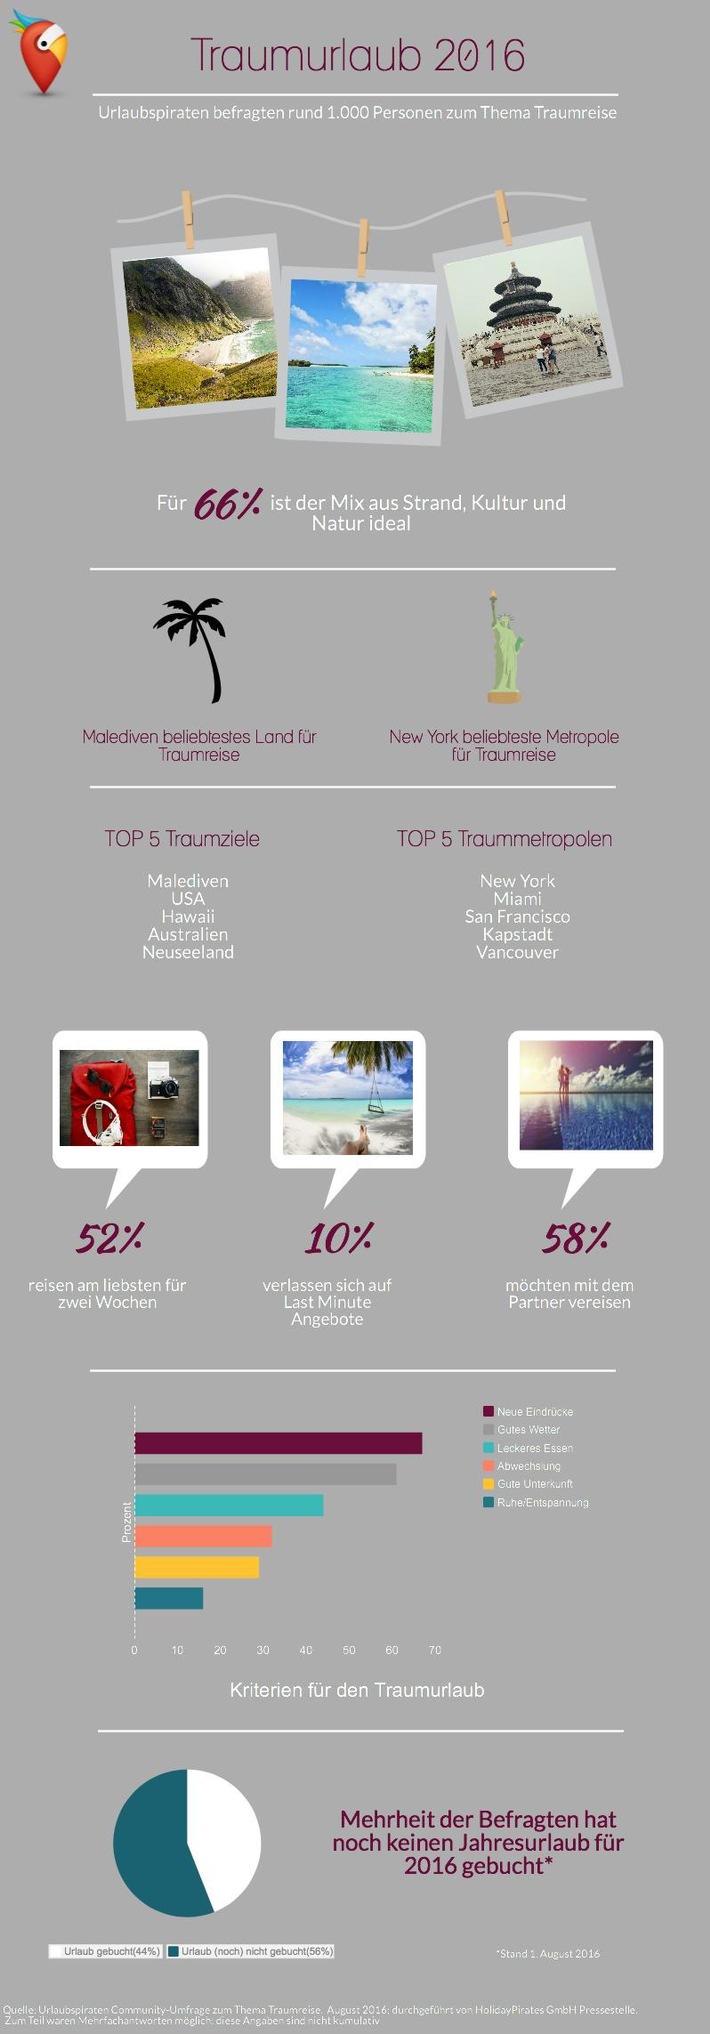 Urlaubspiraten-Umfrage zeigt: Zwei Wochen Malediven sind der ideale Traumurlaub